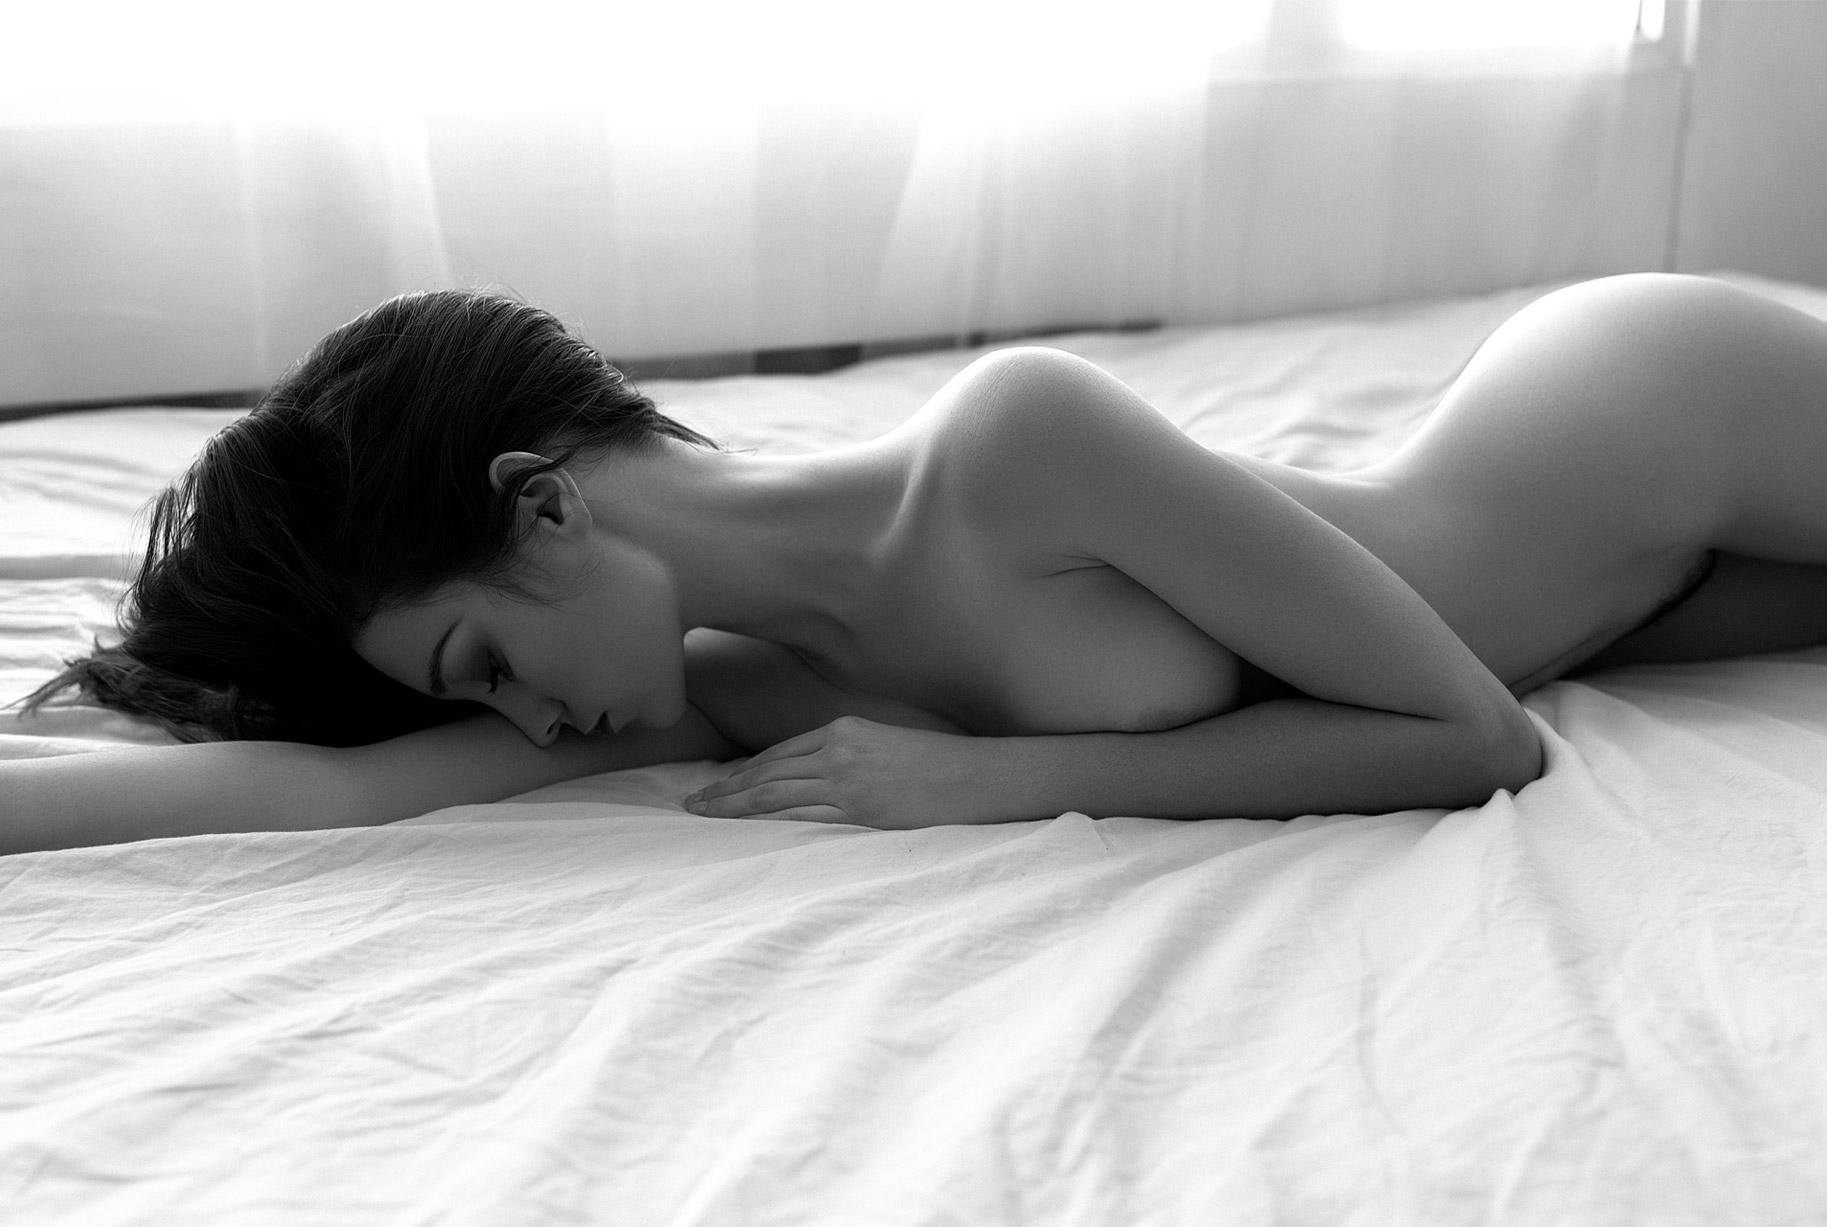 сексуальные голые девушки на снимках фотографа Бенджамина Вингрифа / фото 13